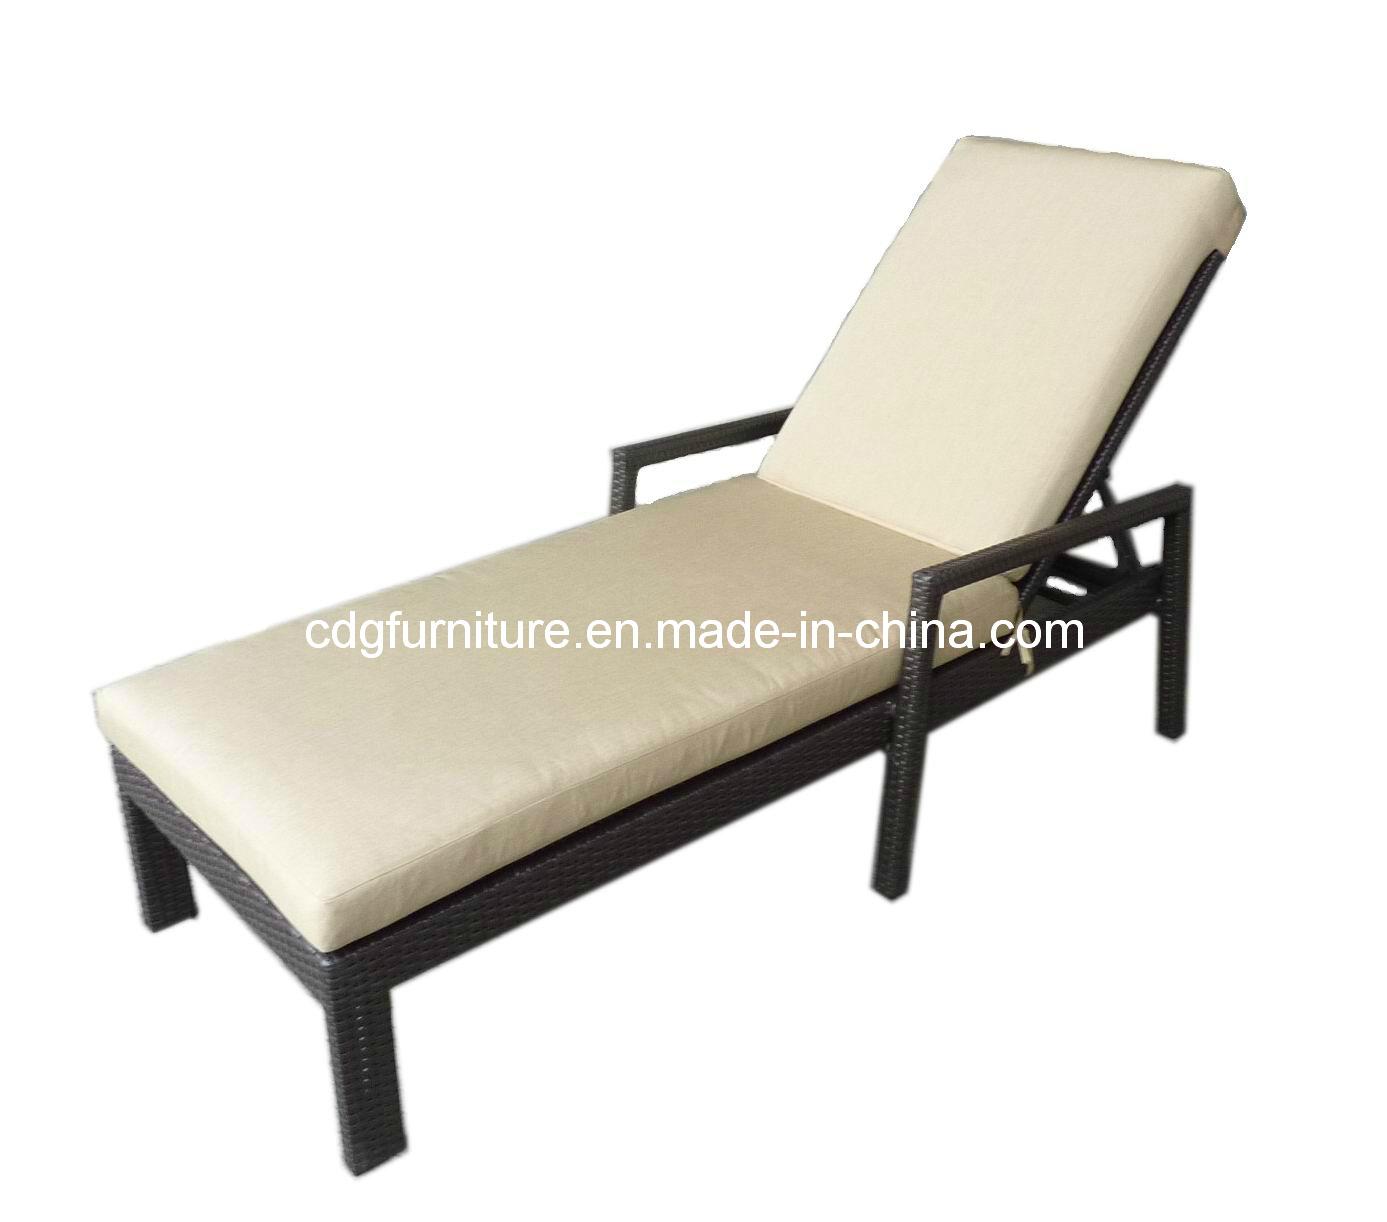 Beach Patio Furniture CDG D s &